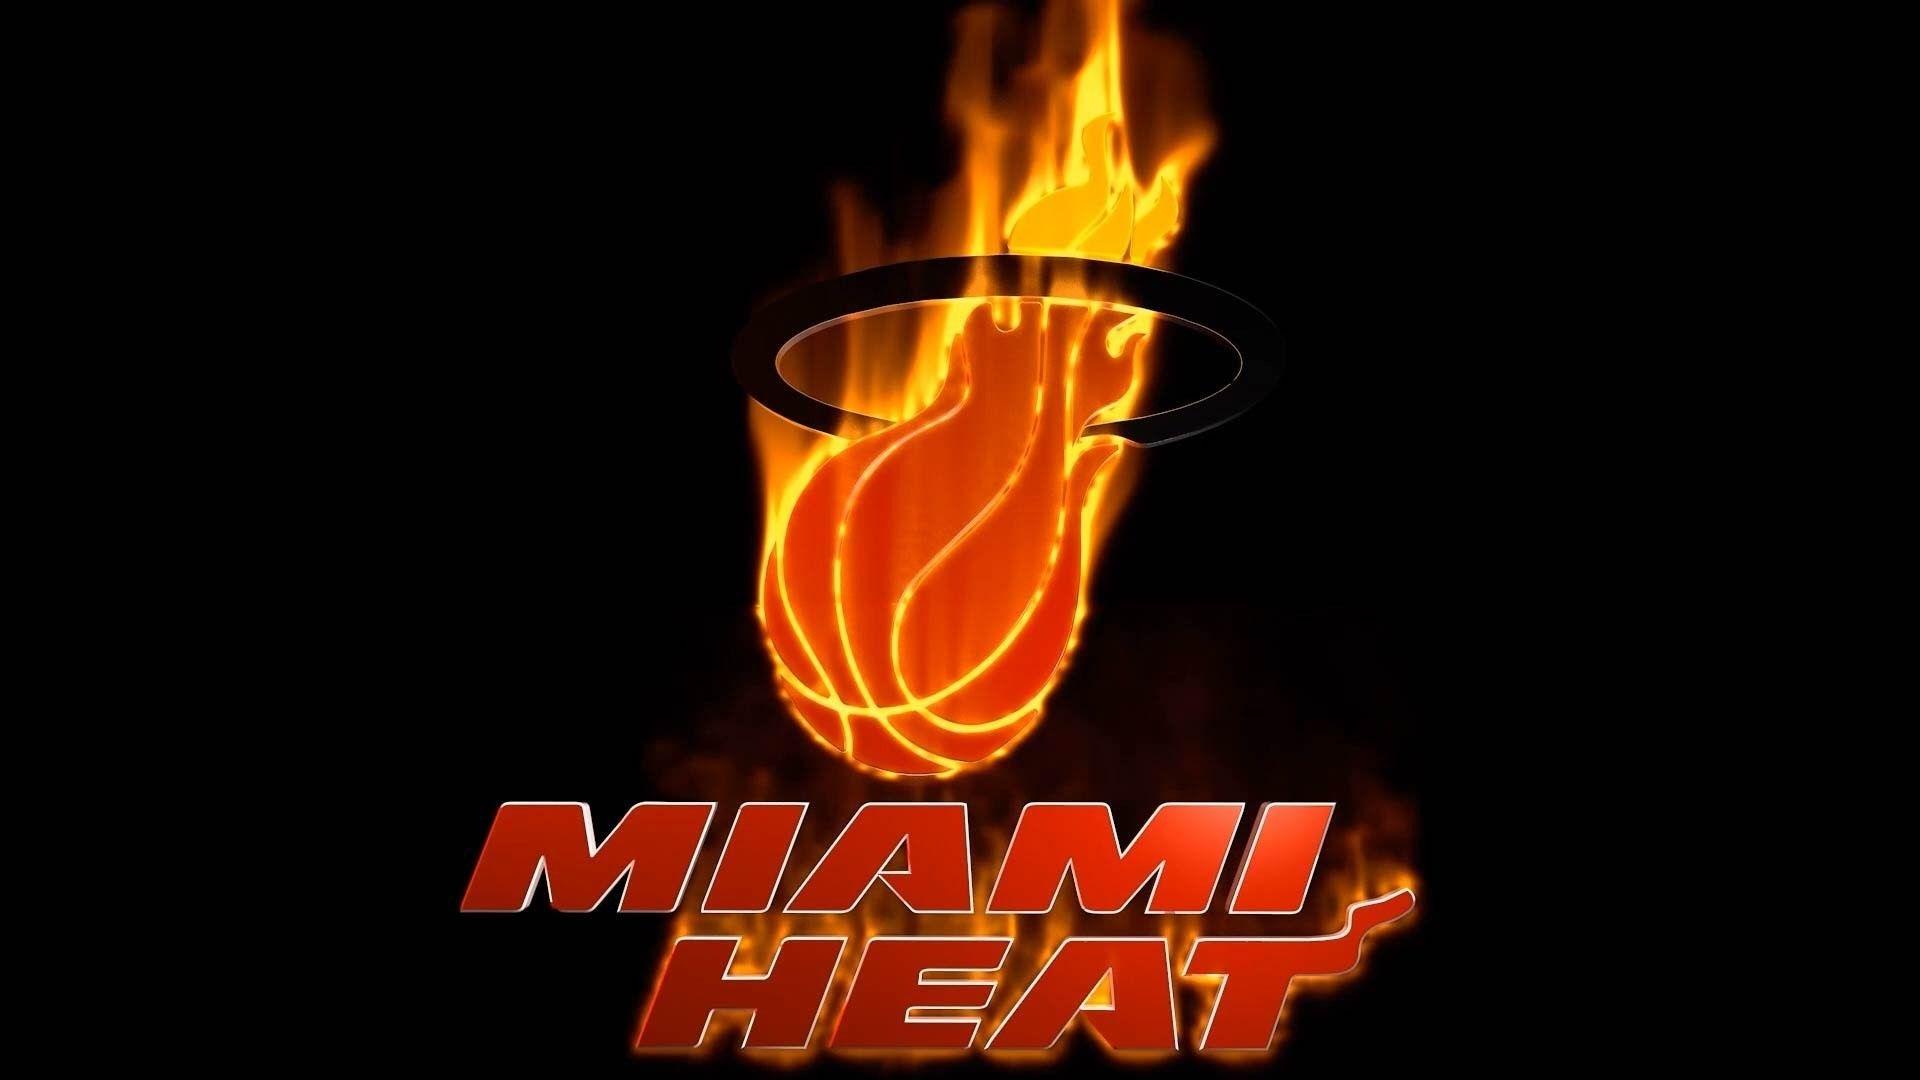 Basketball Wallpaper Best Basketball Wallpapers 2020 Miami Heat Best Wallpaper Hd Basketball Wallpaper